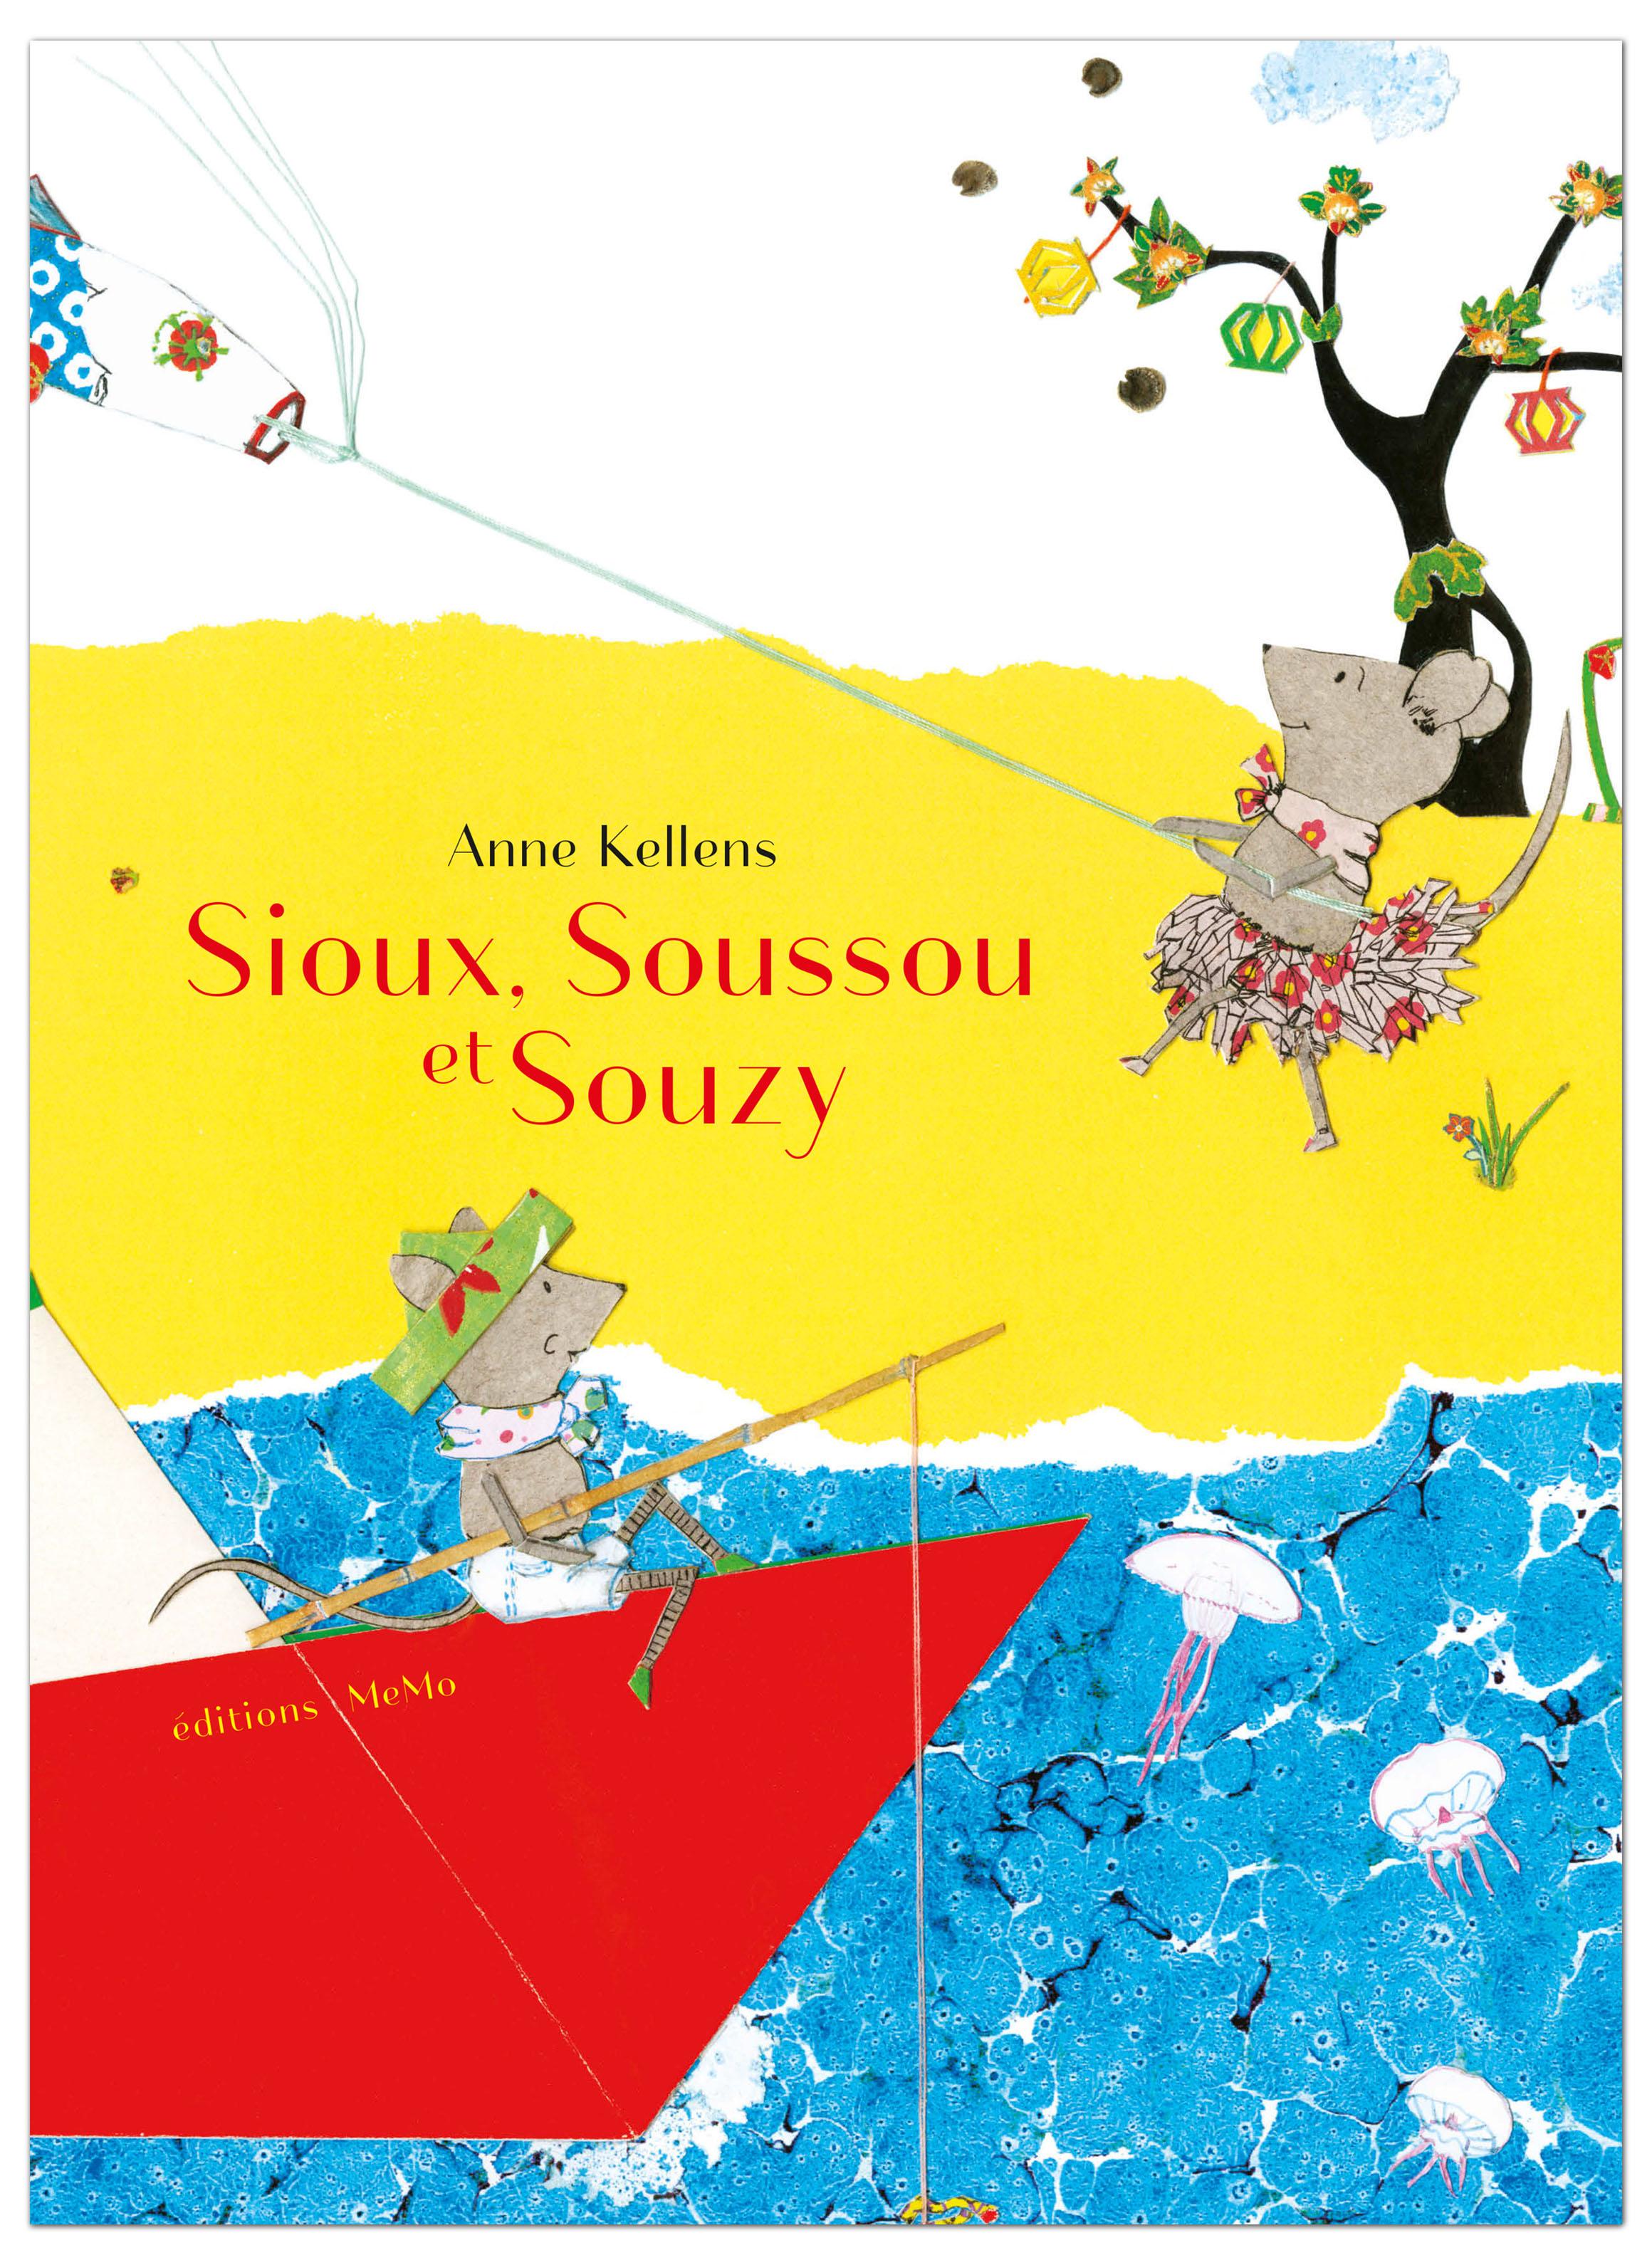 Sioux, Soussou et Souzy